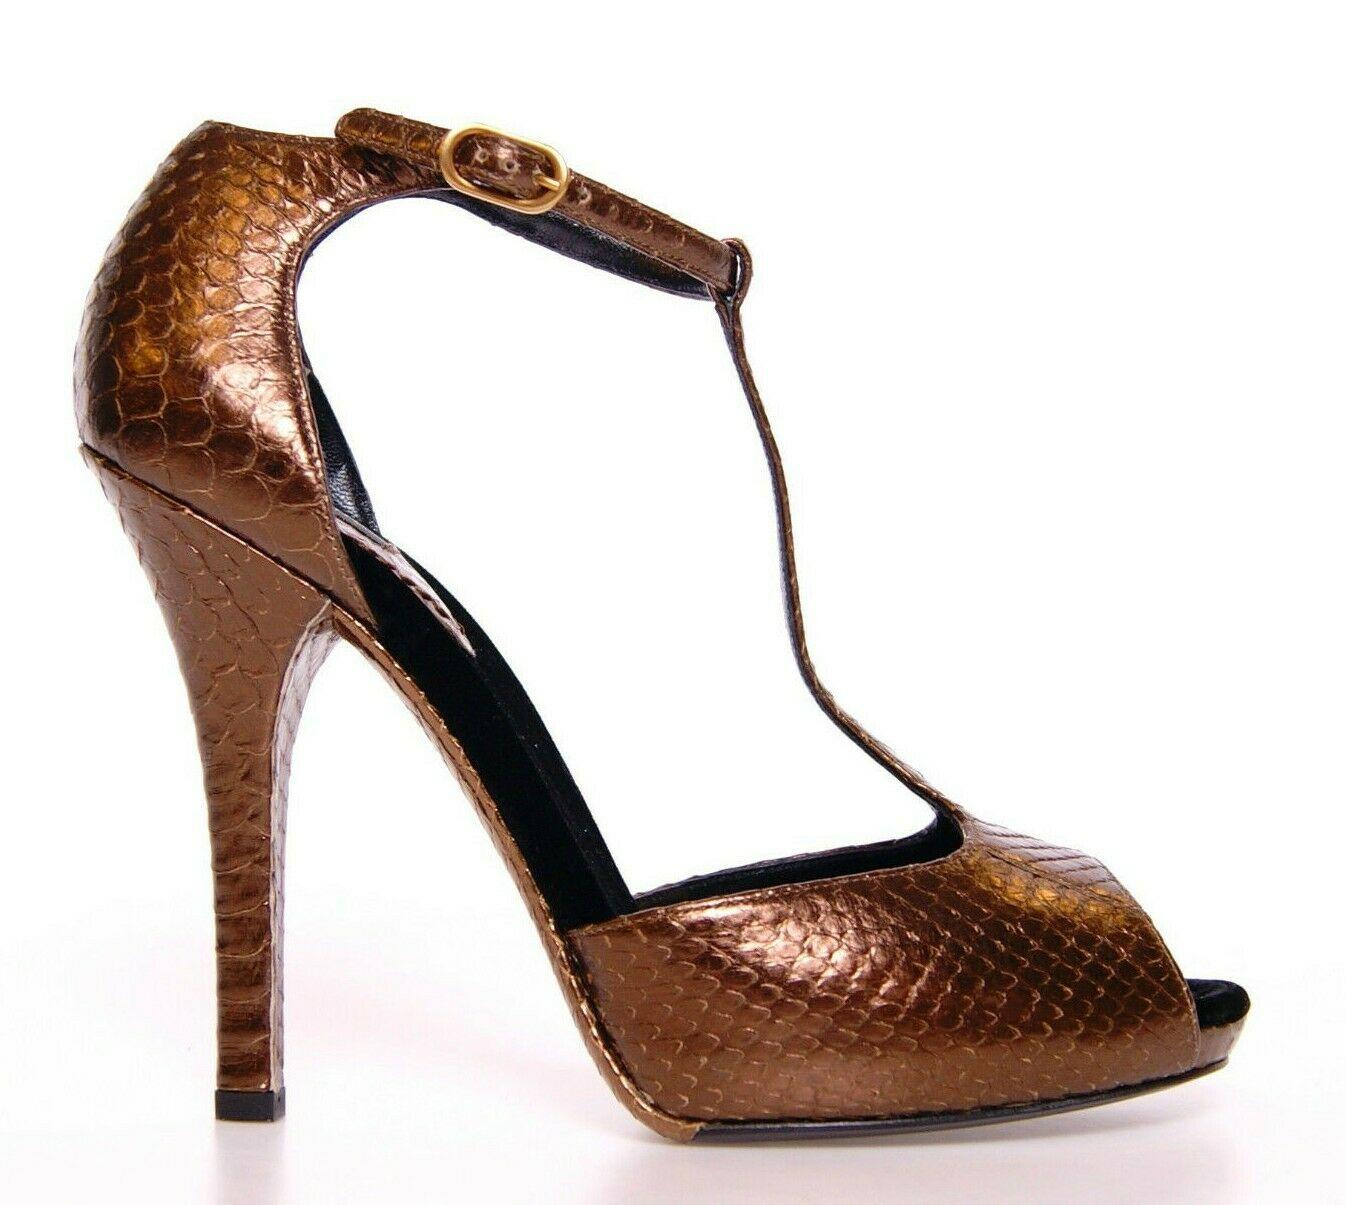 Dolce & Gabbana Women's Leather Platform Pumps Bronze LA2320 - EU39/US8.5